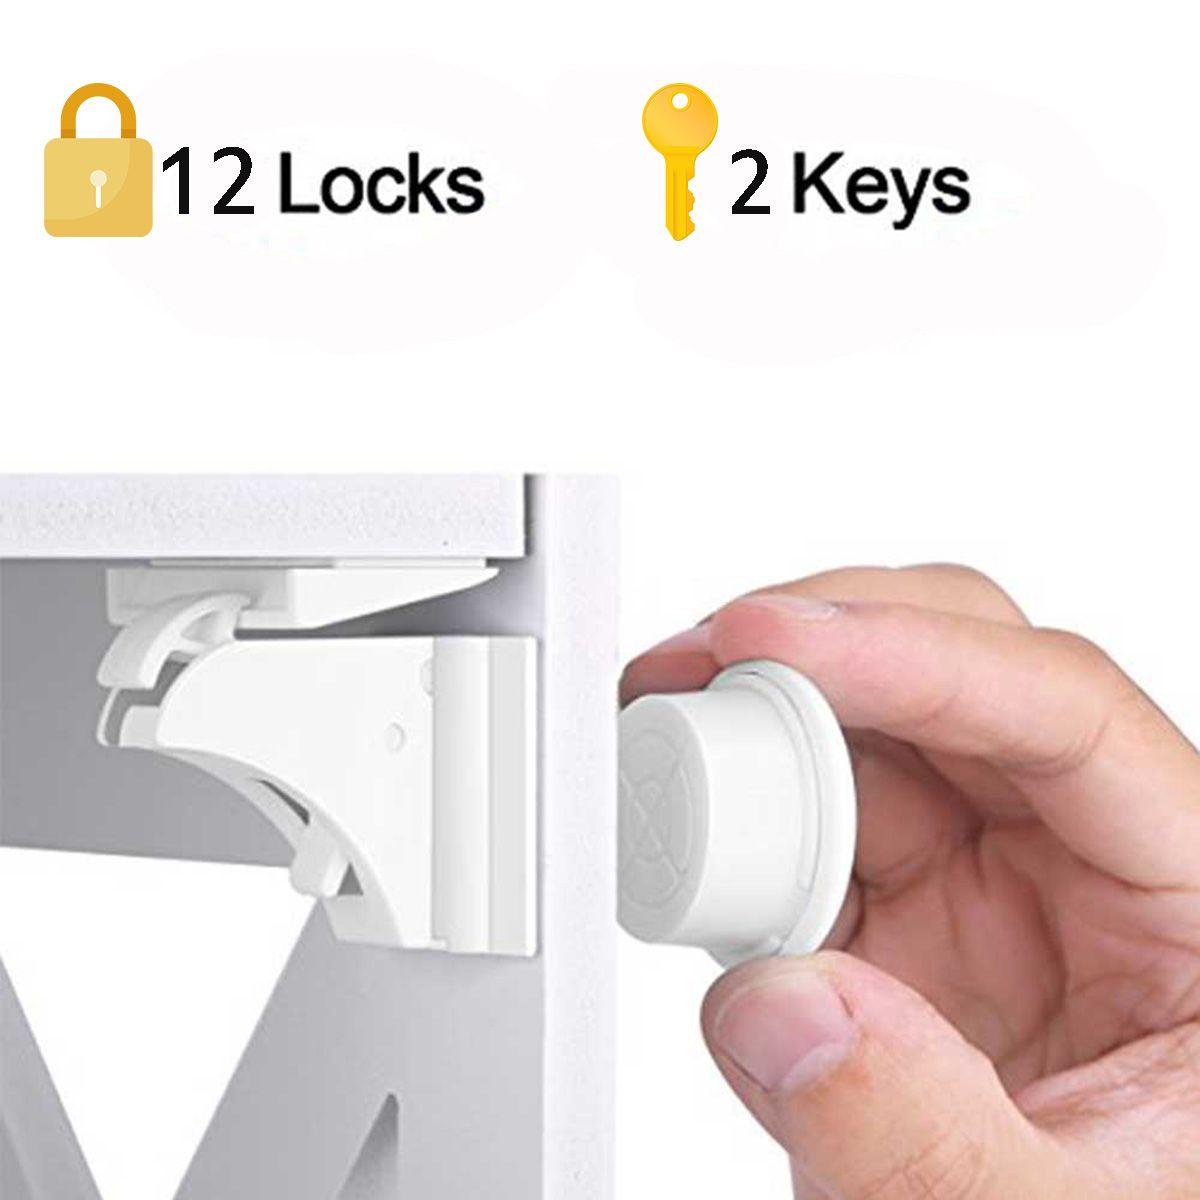 Serrure magnétique enfant 4-12 serrures + 1-3key bébé sécurité bébé Protections armoire porte serrure enfants tiroir casier sécurité invisibles serrures